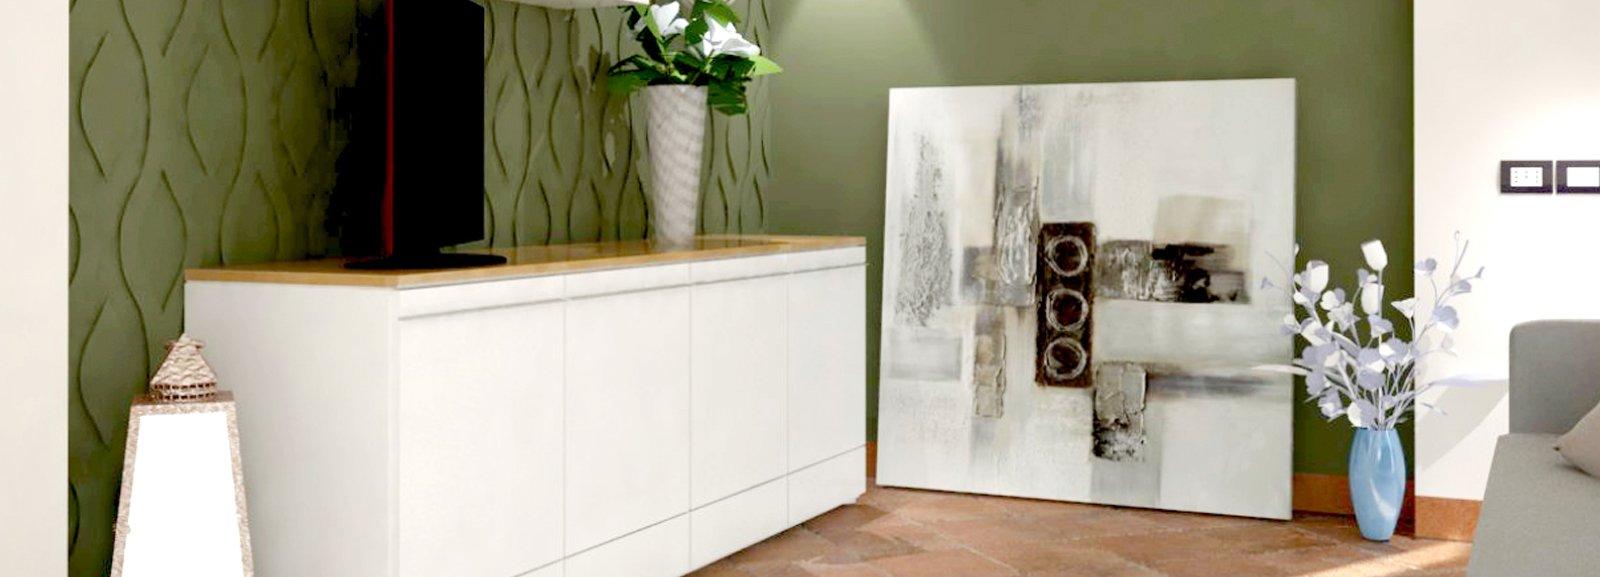 Pavimento in cotto e arredamento moderno cose di casa for Colori moderni casa